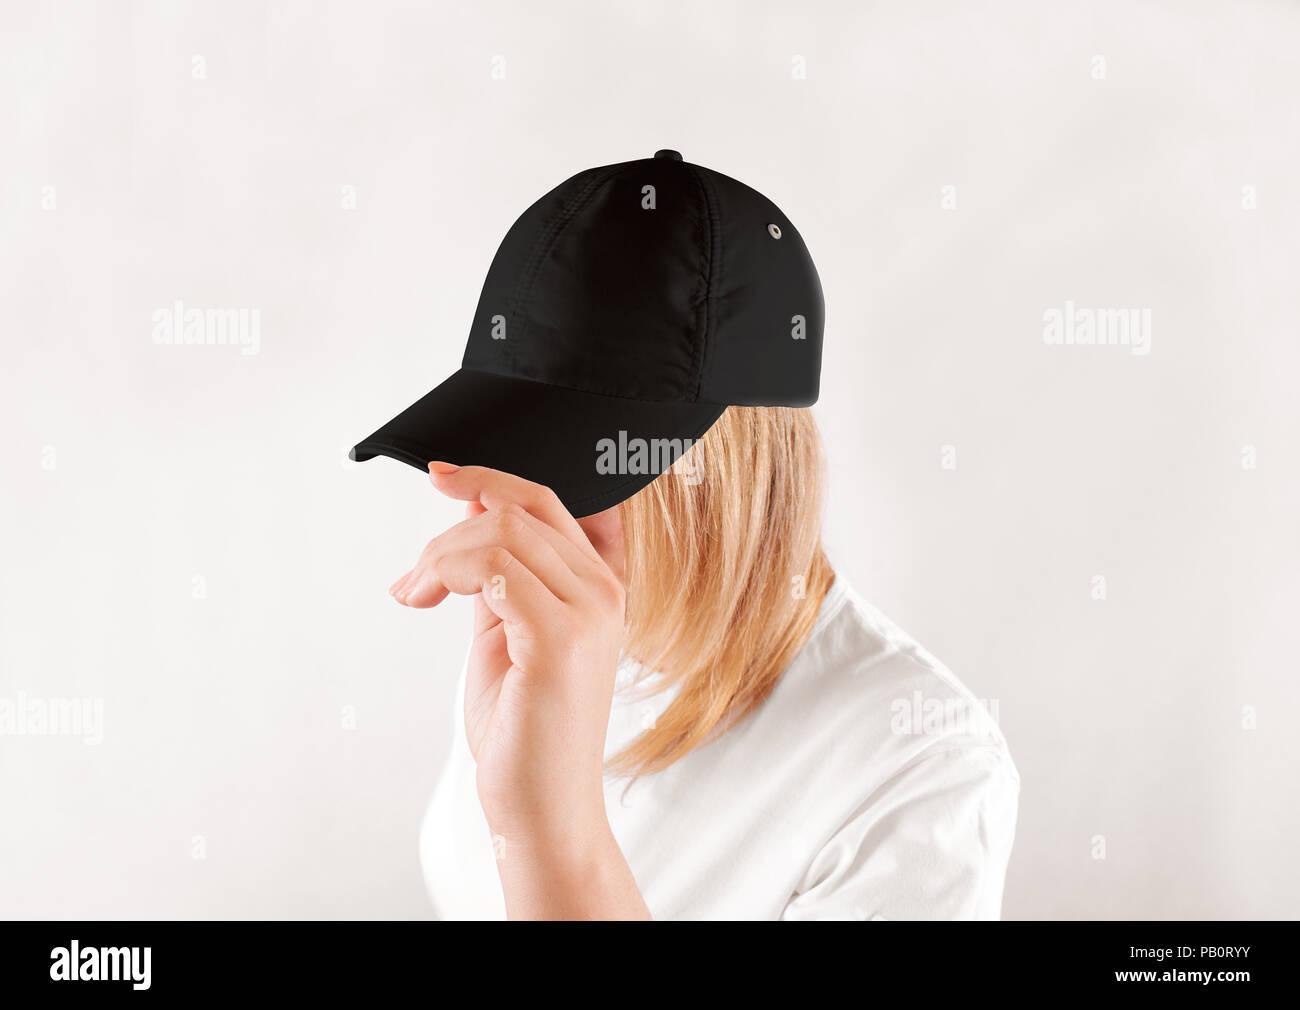 Blank black baseball cap mockup template 0135e6fdc